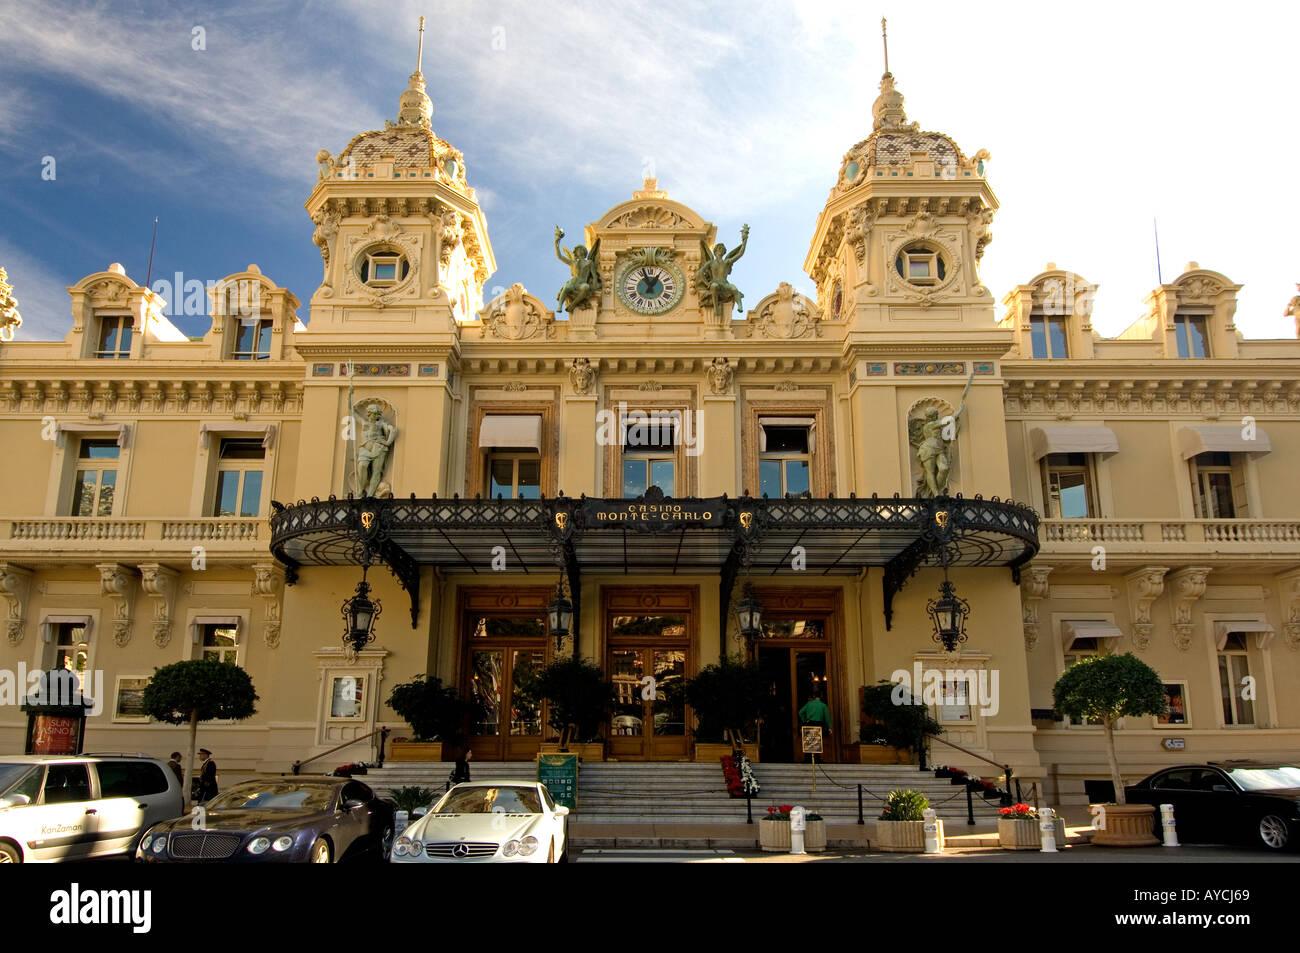 The Casino de Monte Carlo in the Principality of Monaco - Stock Image